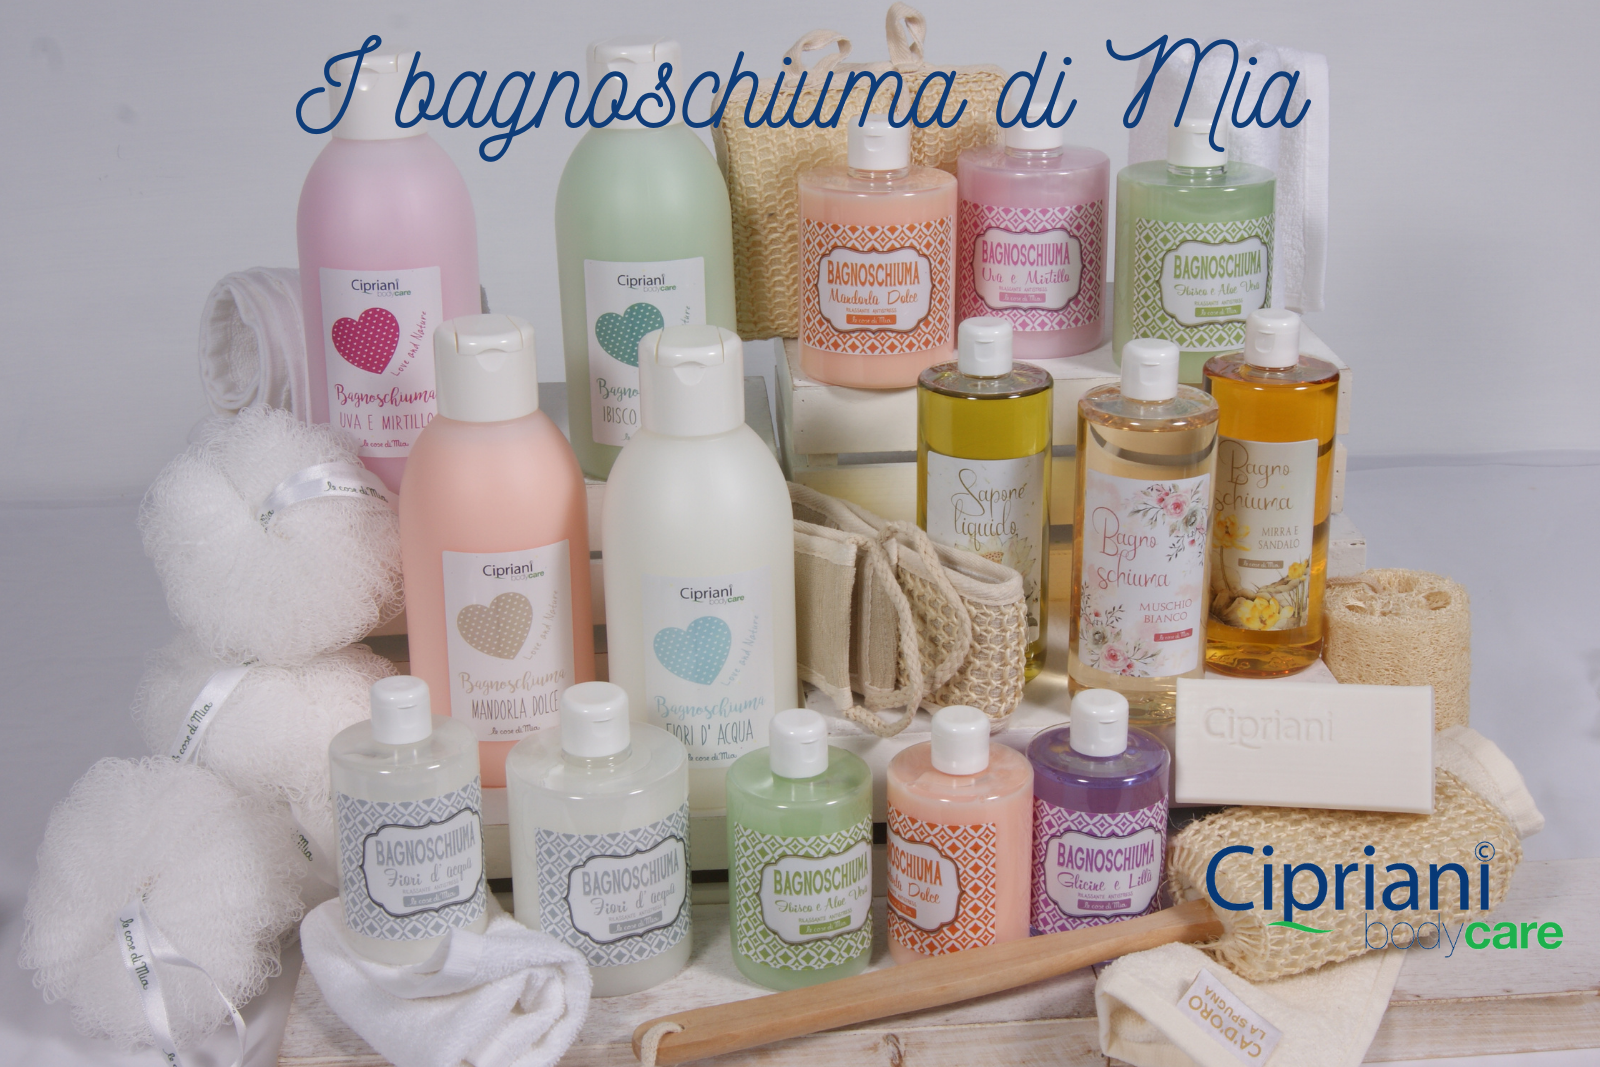 cover bagnoschiuma cipriani bodycare_no logo_2 (3)